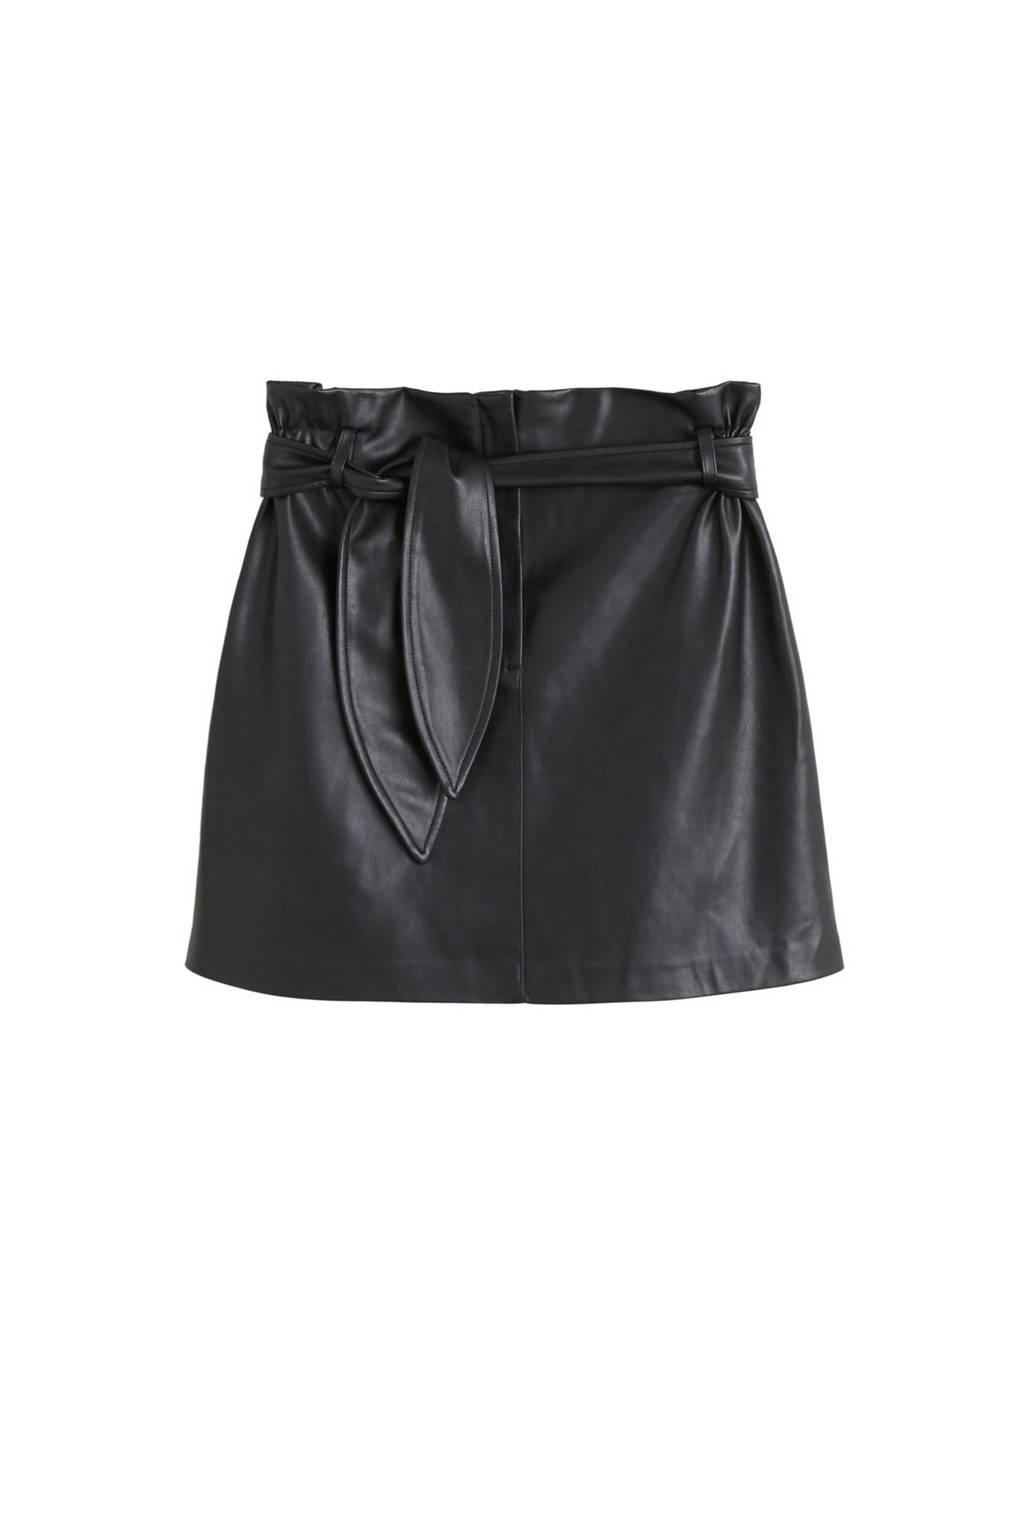 Mango imitatieleren rok zwart, Zwart